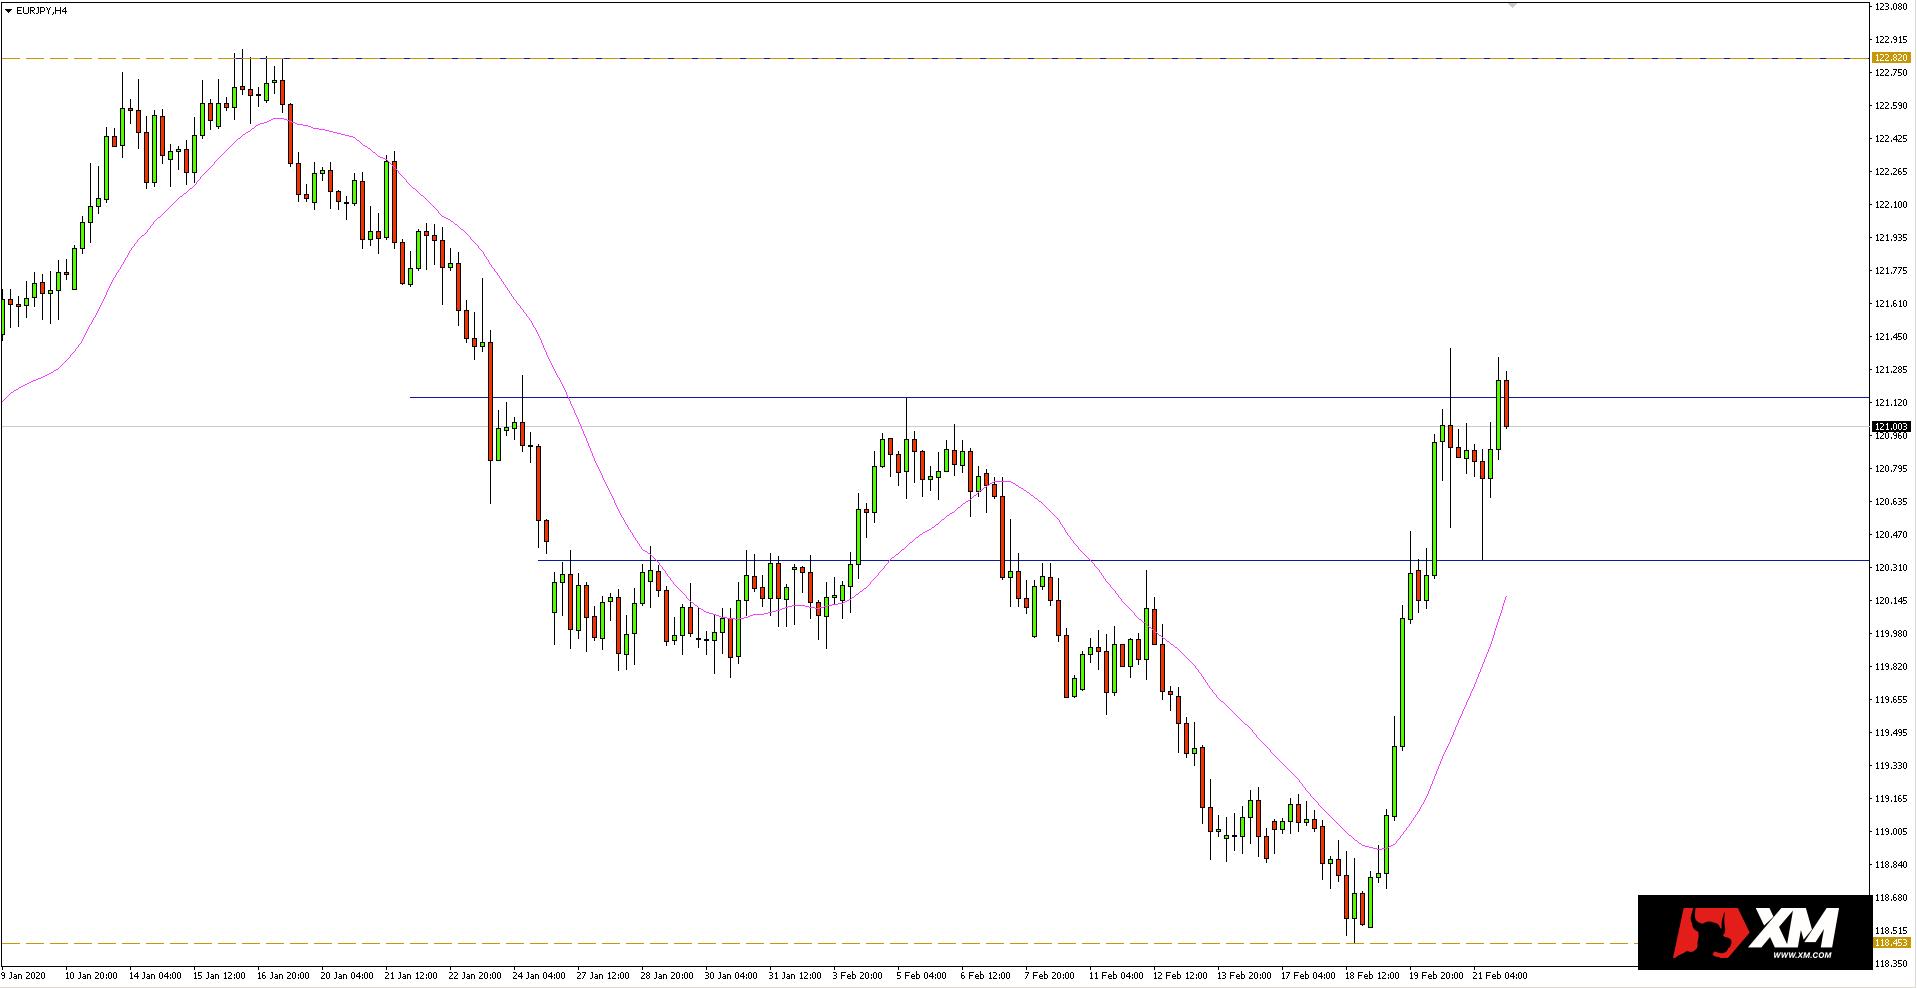 Wykres 4-godzinny pary walutowej EURJPY - 22 lutego 2020 r.